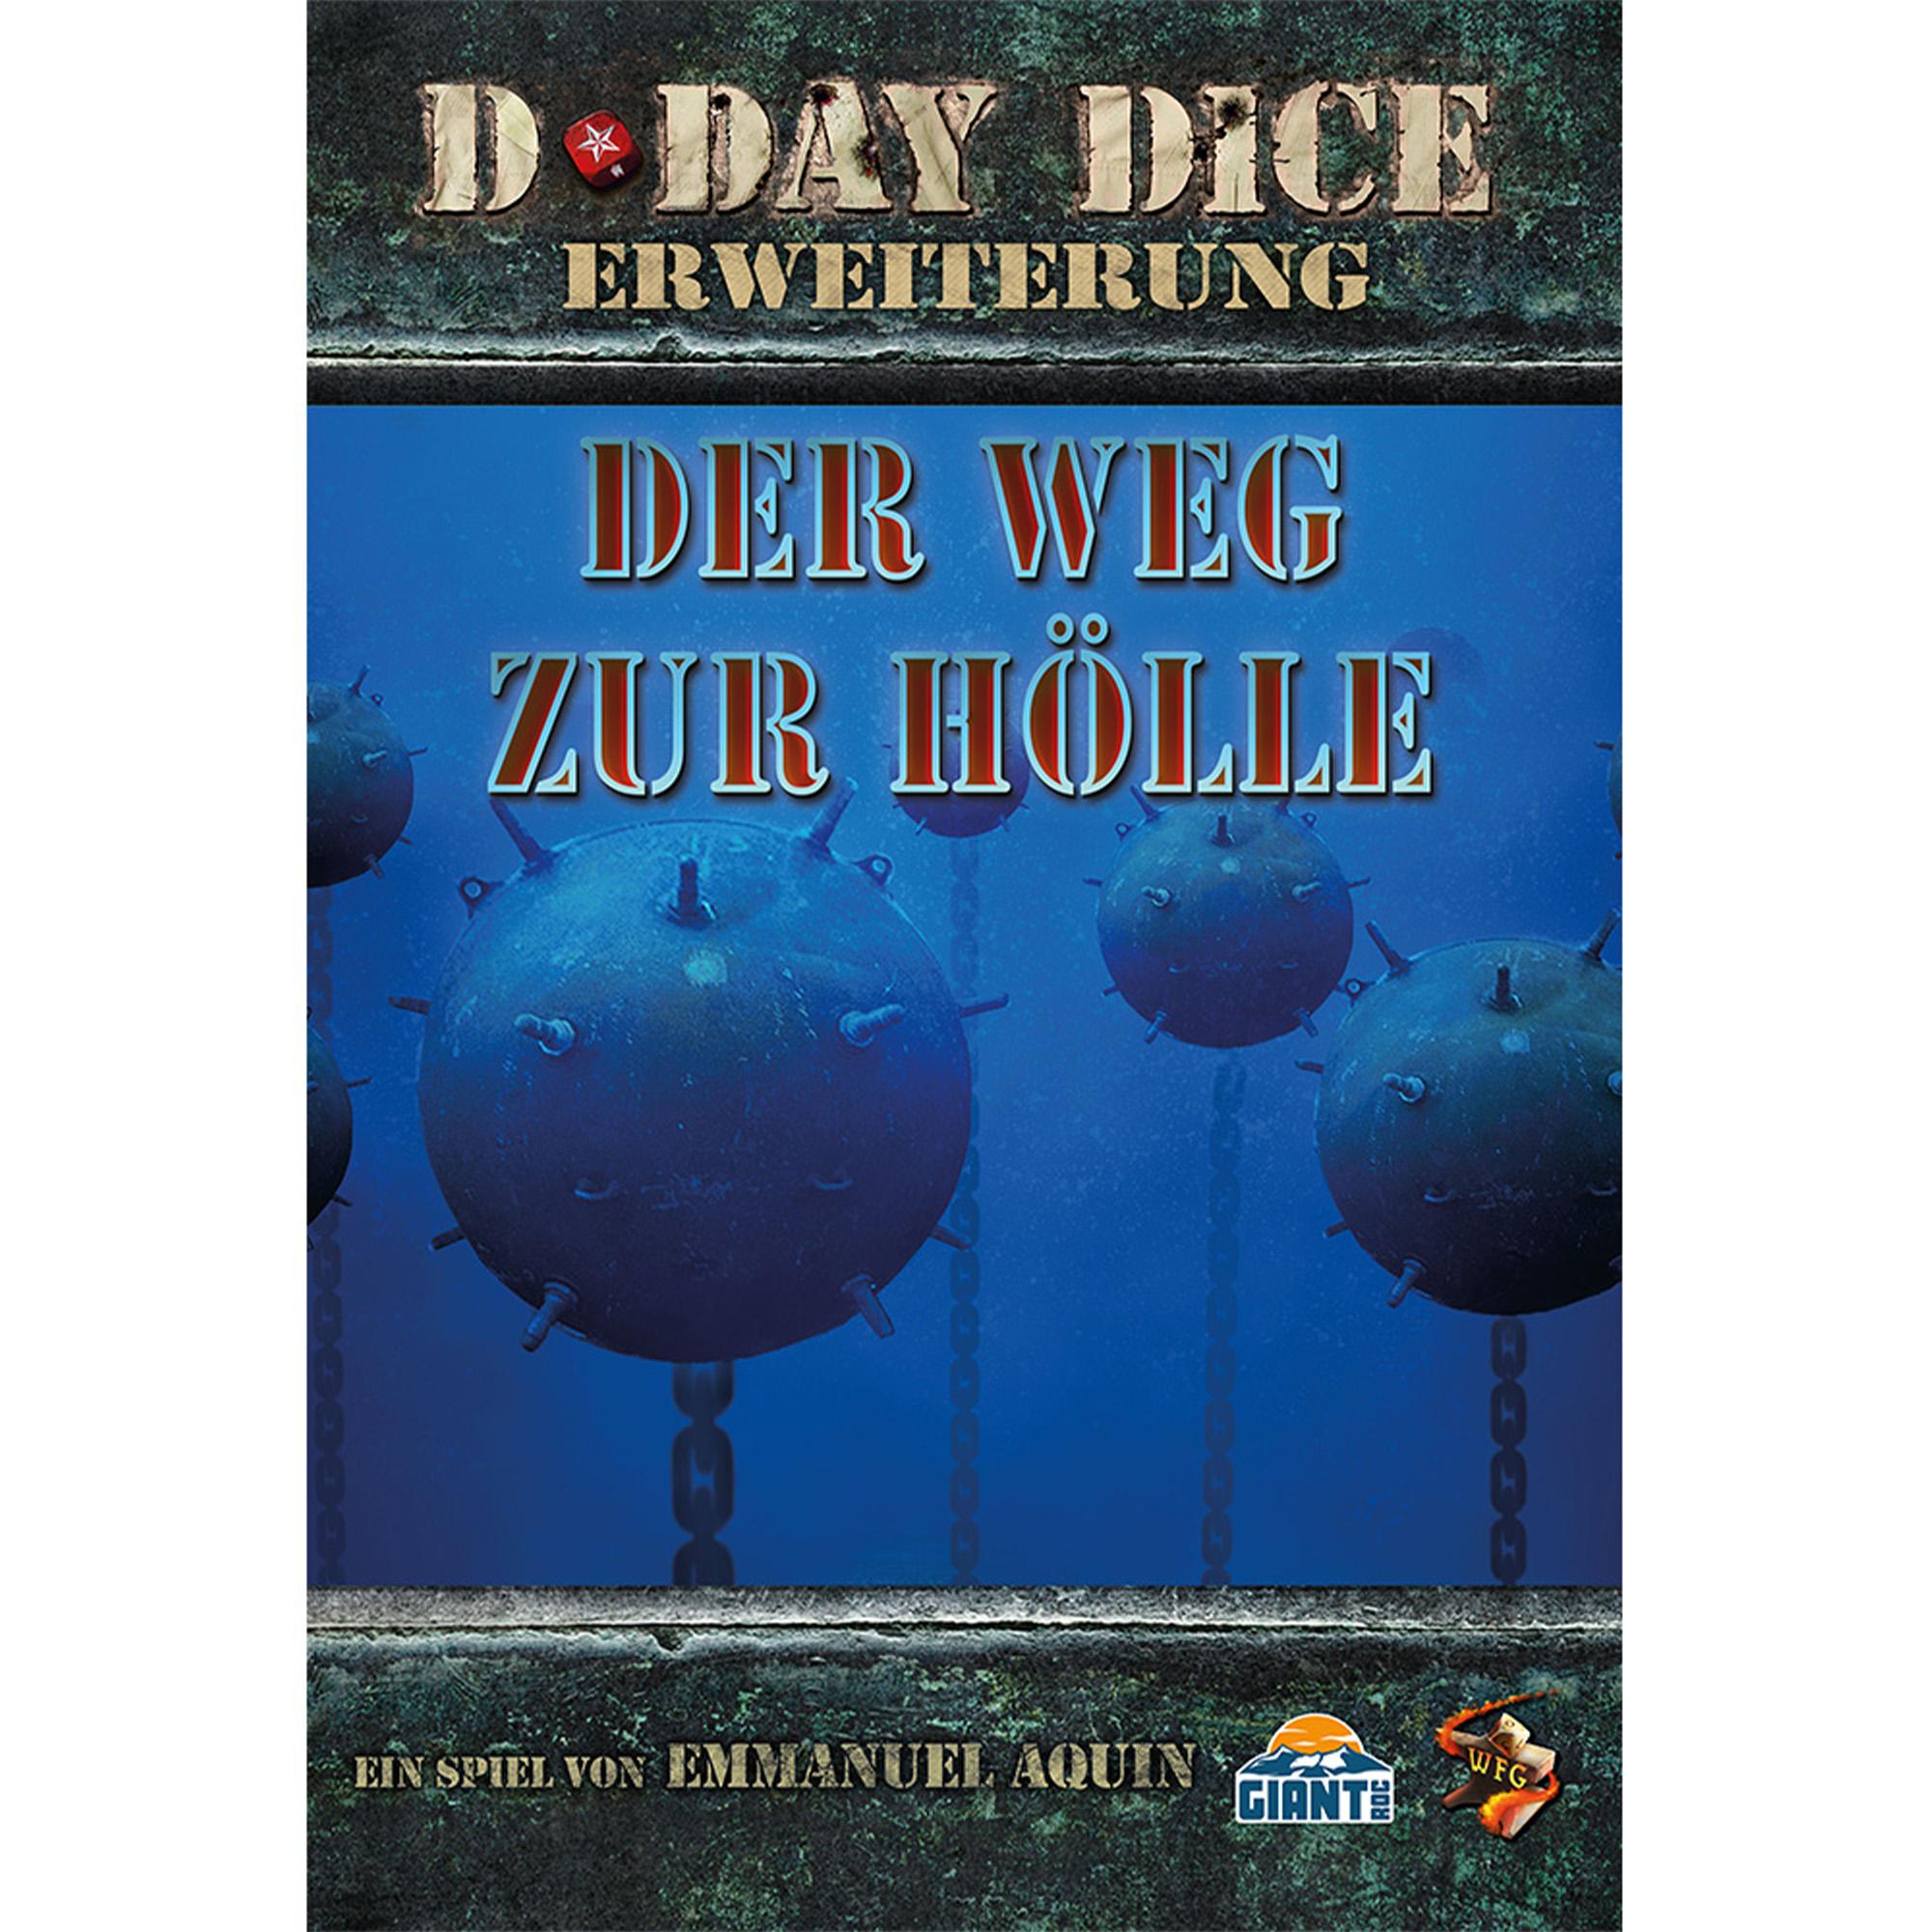 D-Day Dice 2nd Edition -  Der Weg zur Hölle Erweiterung